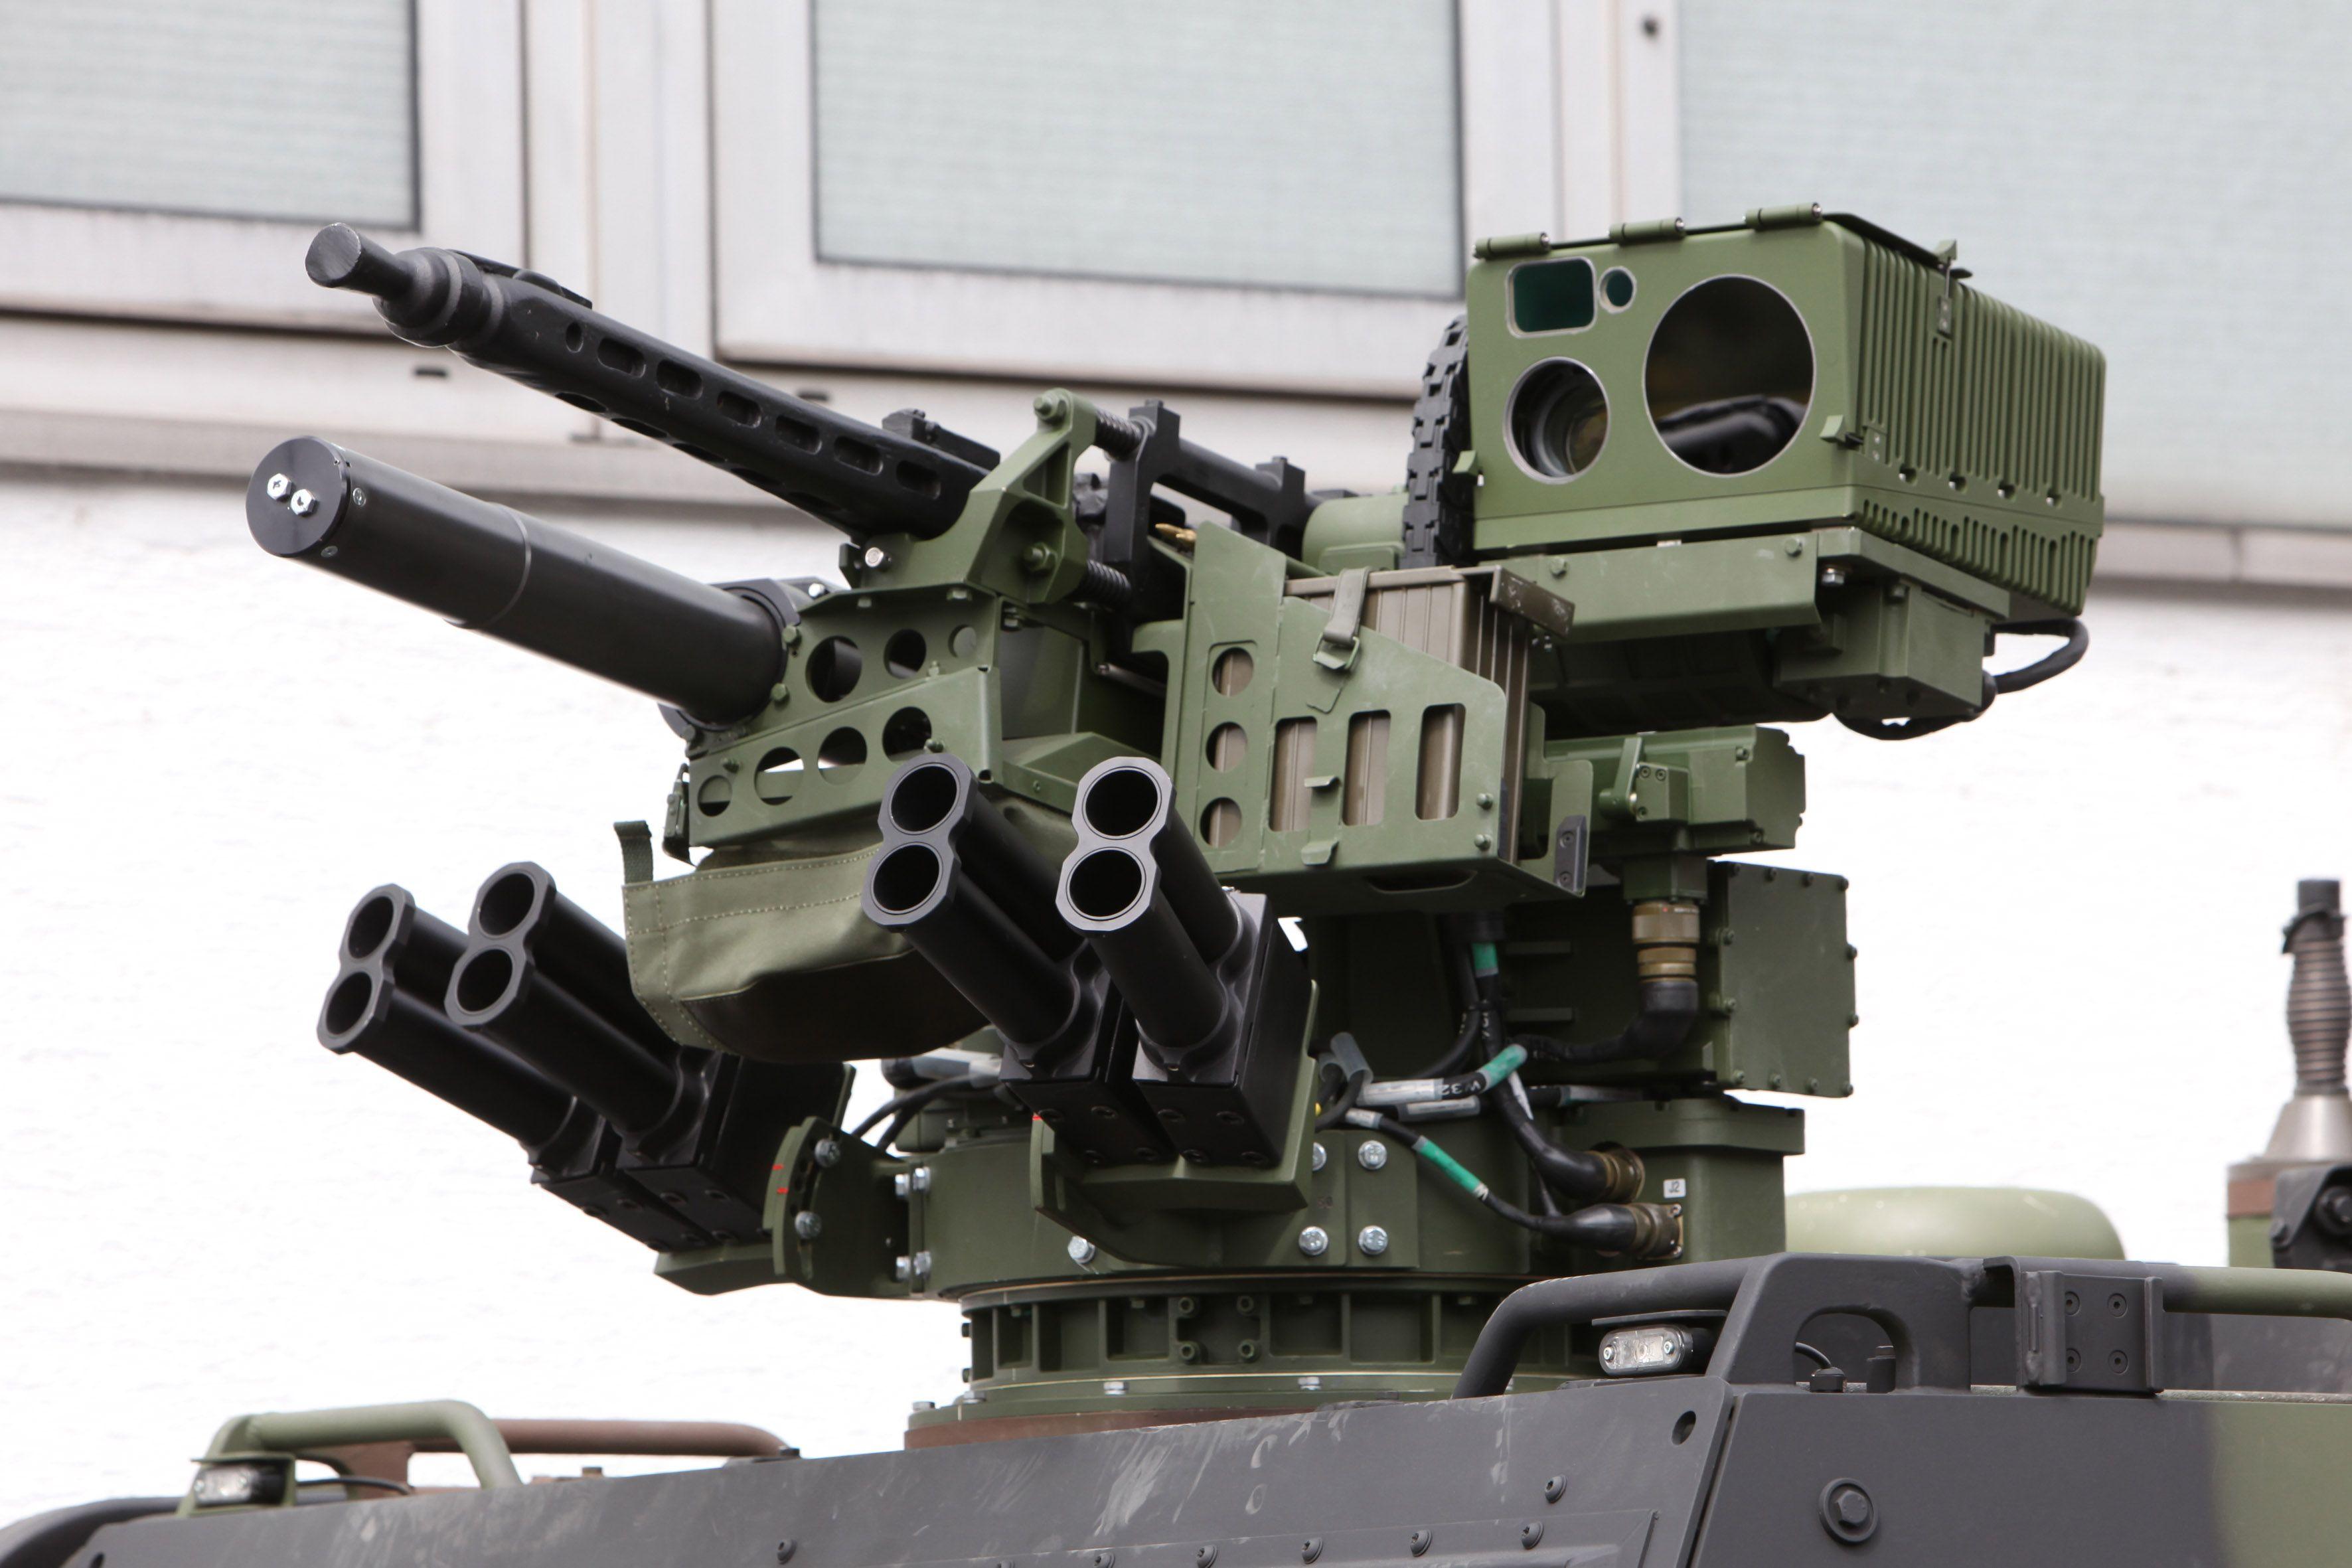 paintball machine gun turret - photo #31